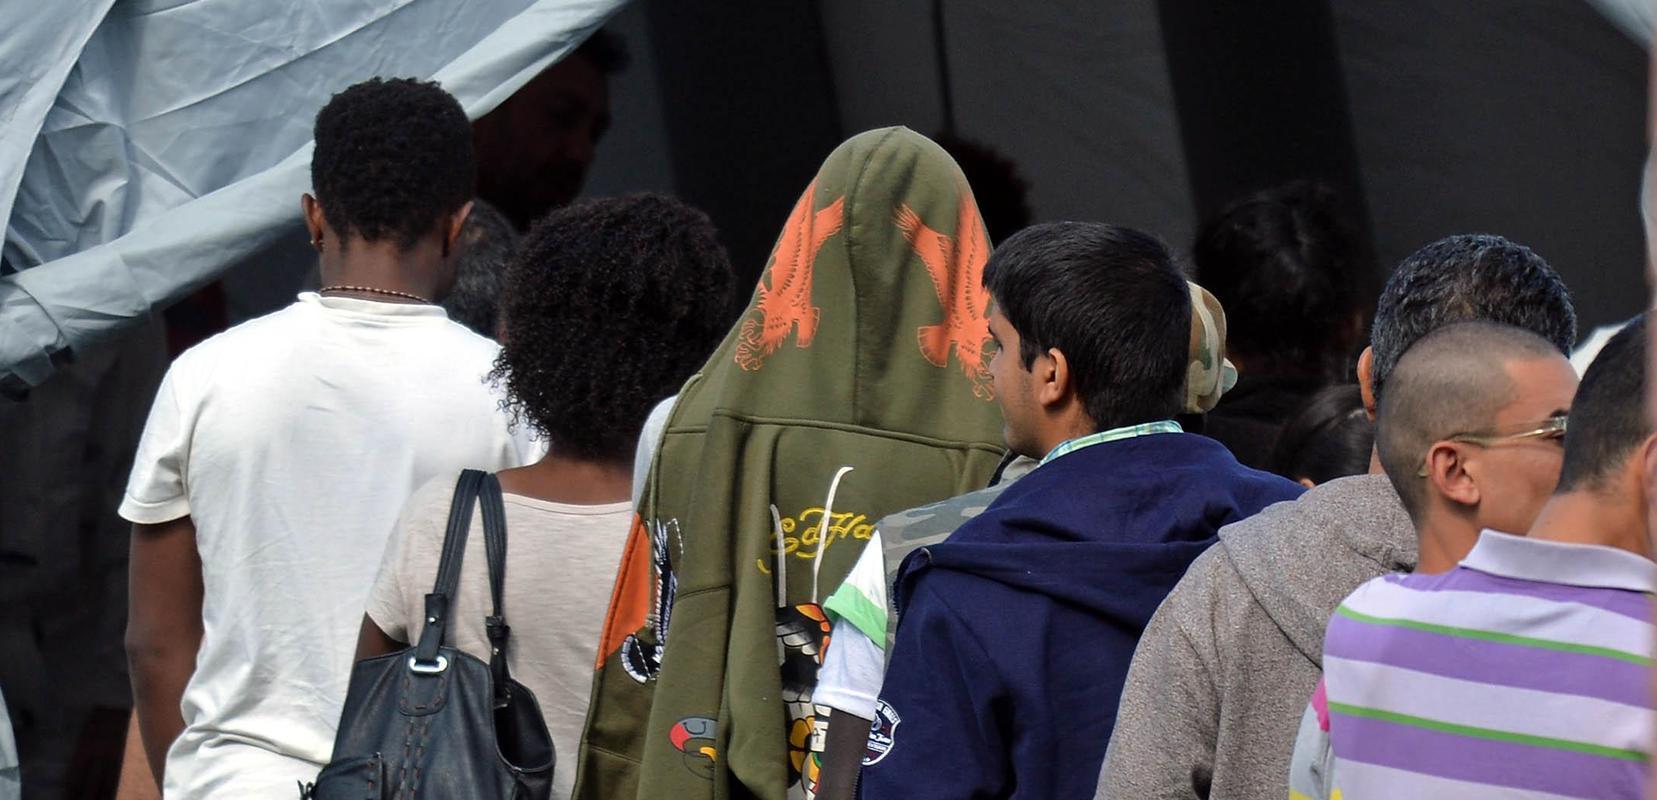 Die Flüchtlinge sind unzufrieden mit der Zelt-Unterbringung